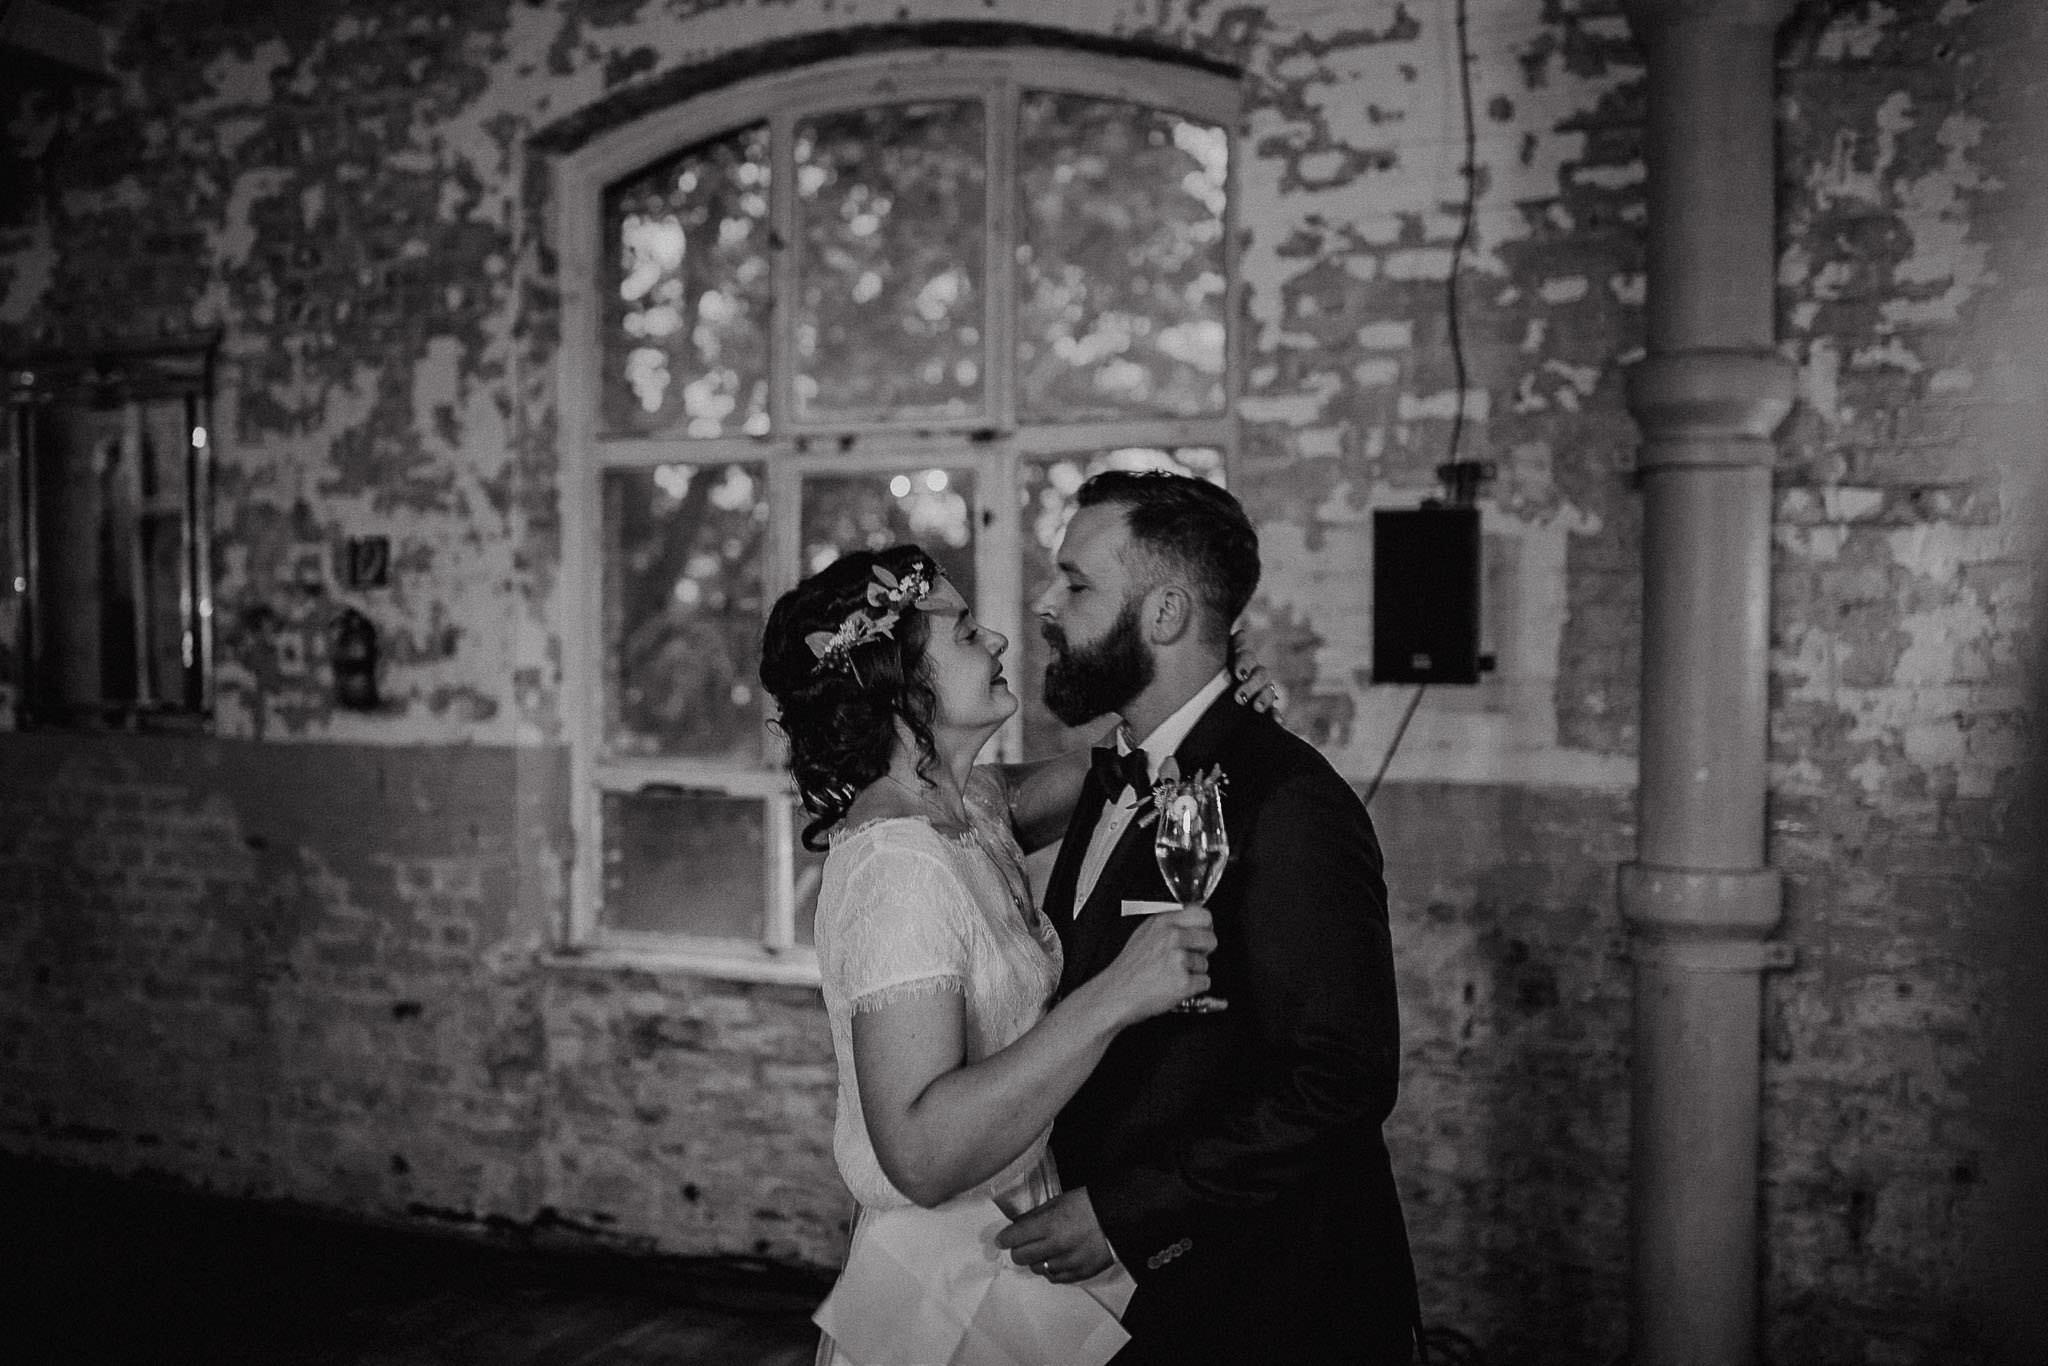 alternativer Hochzeitsfotograf in Berlin und Deutschland